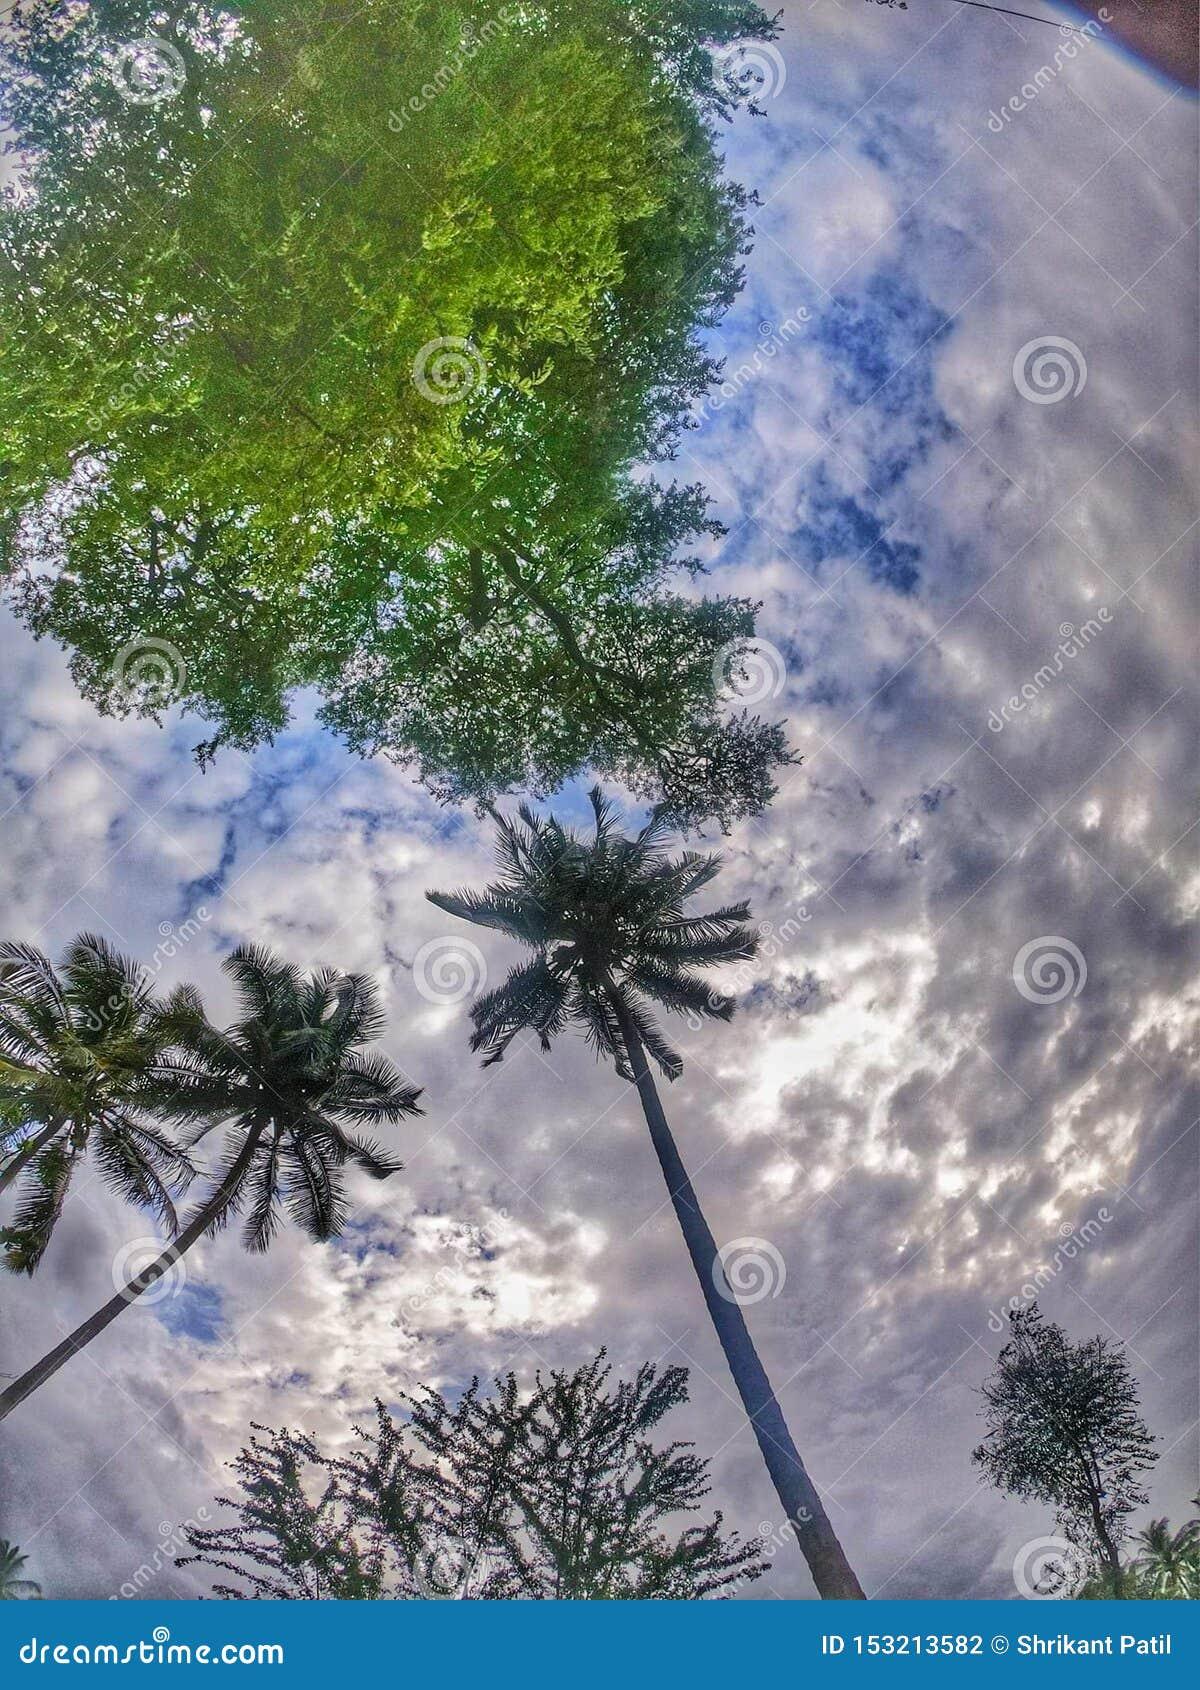 Just a click of Sky